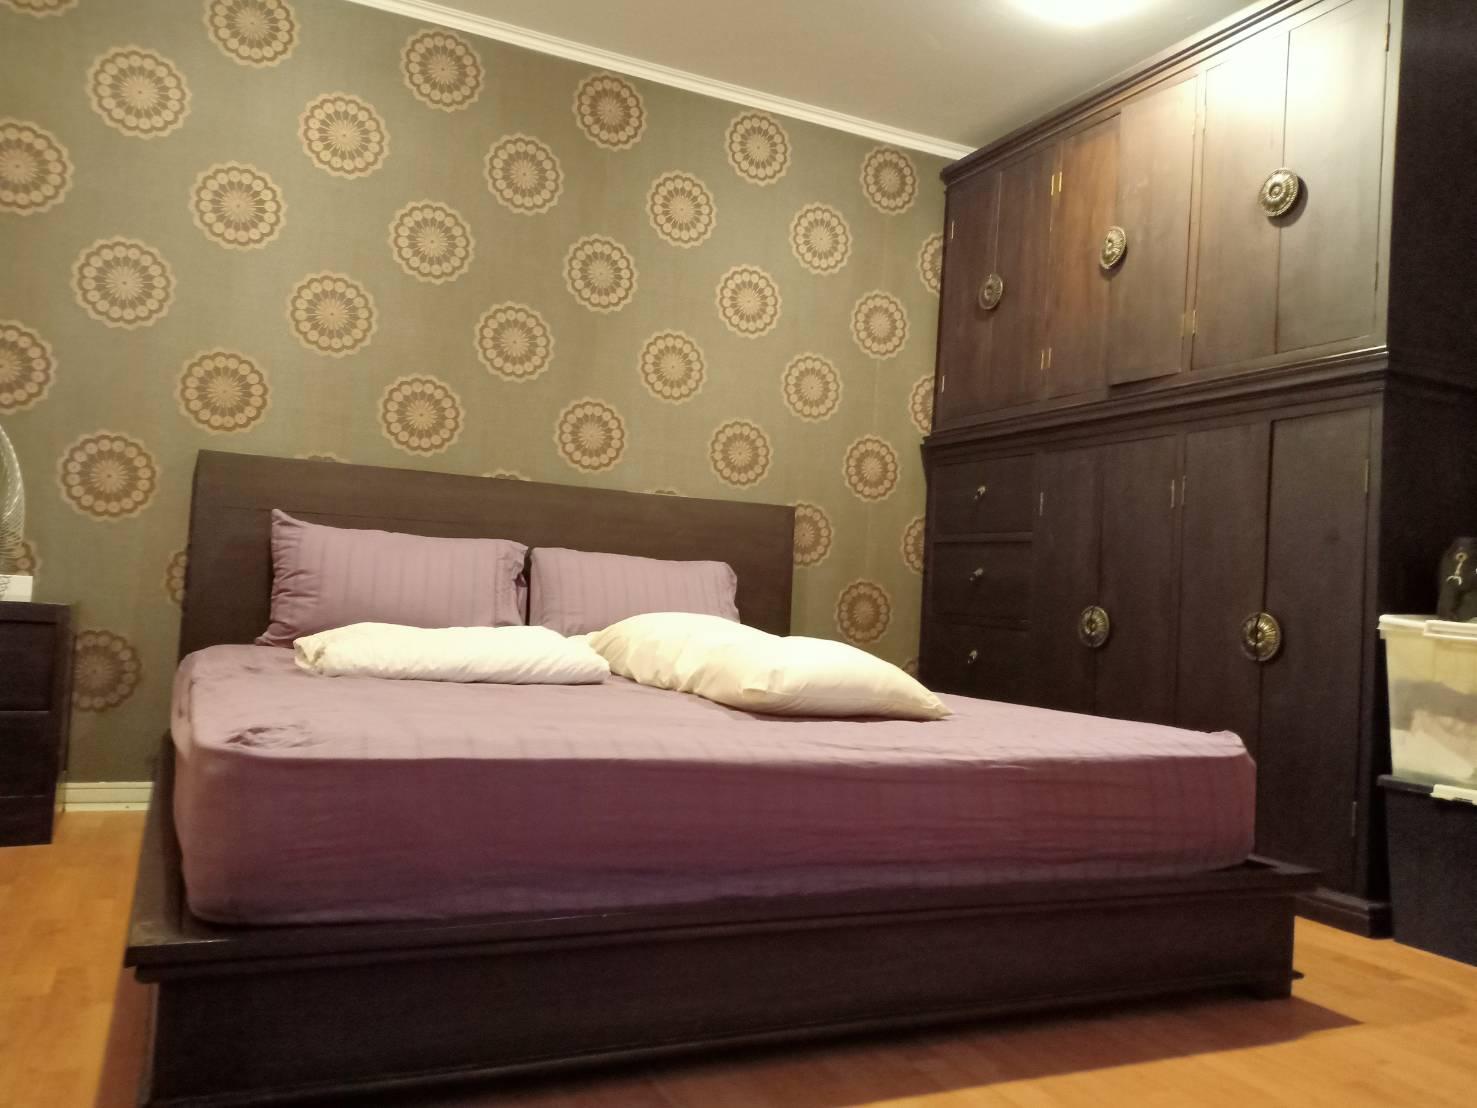 ภาพคอนโดต้องการขาย ลุมพินี วิลล์ ศูนย์วัฒนธรรม   ประชาอุทิศ  สามเสนนอก ห้วยขวาง 1 ห้องนอน พร้อมอยู่ ราคาถูก